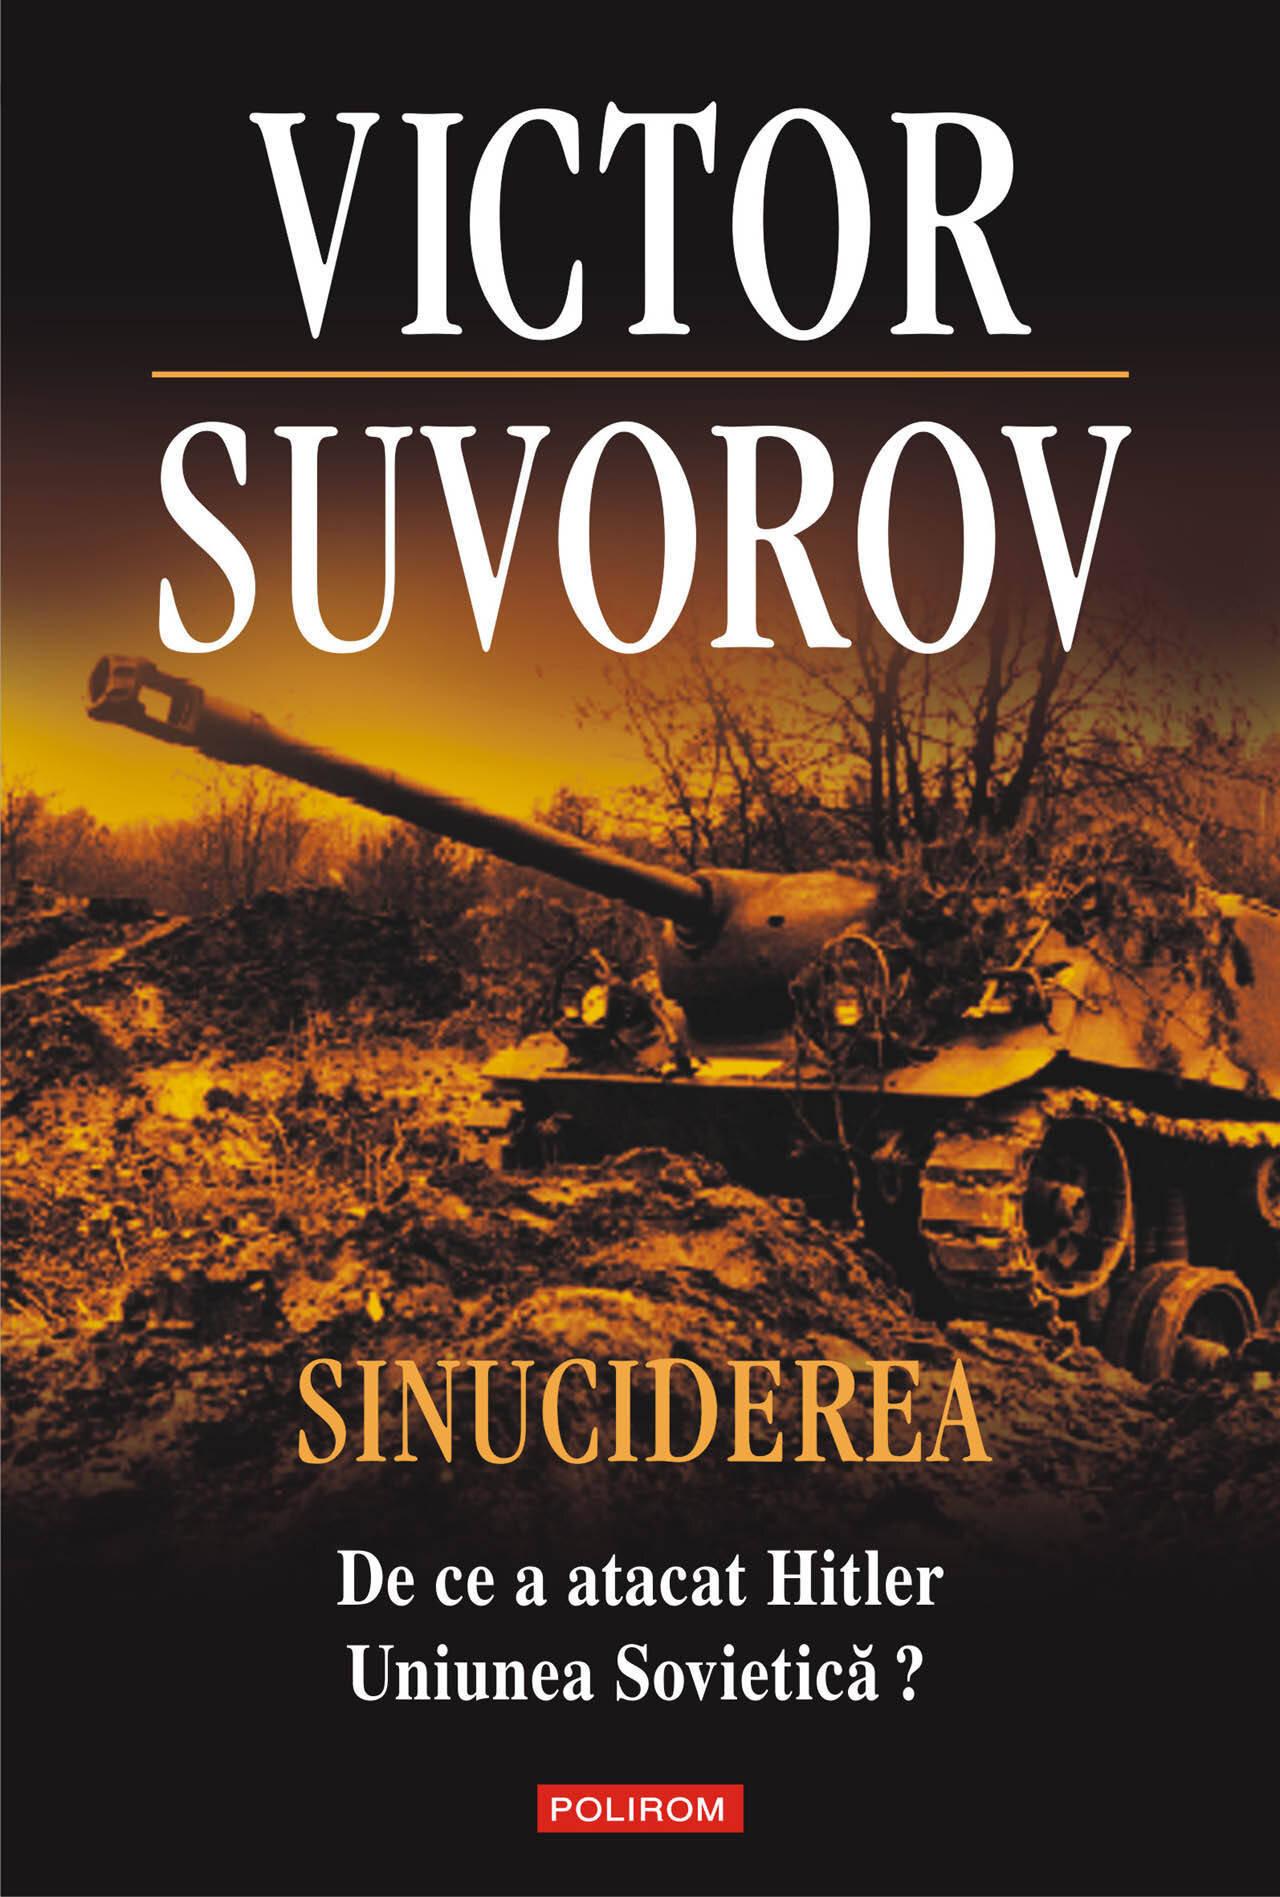 Sinuciderea. De ce a atacat Hitler Uniunea Sovietica? (eBook)